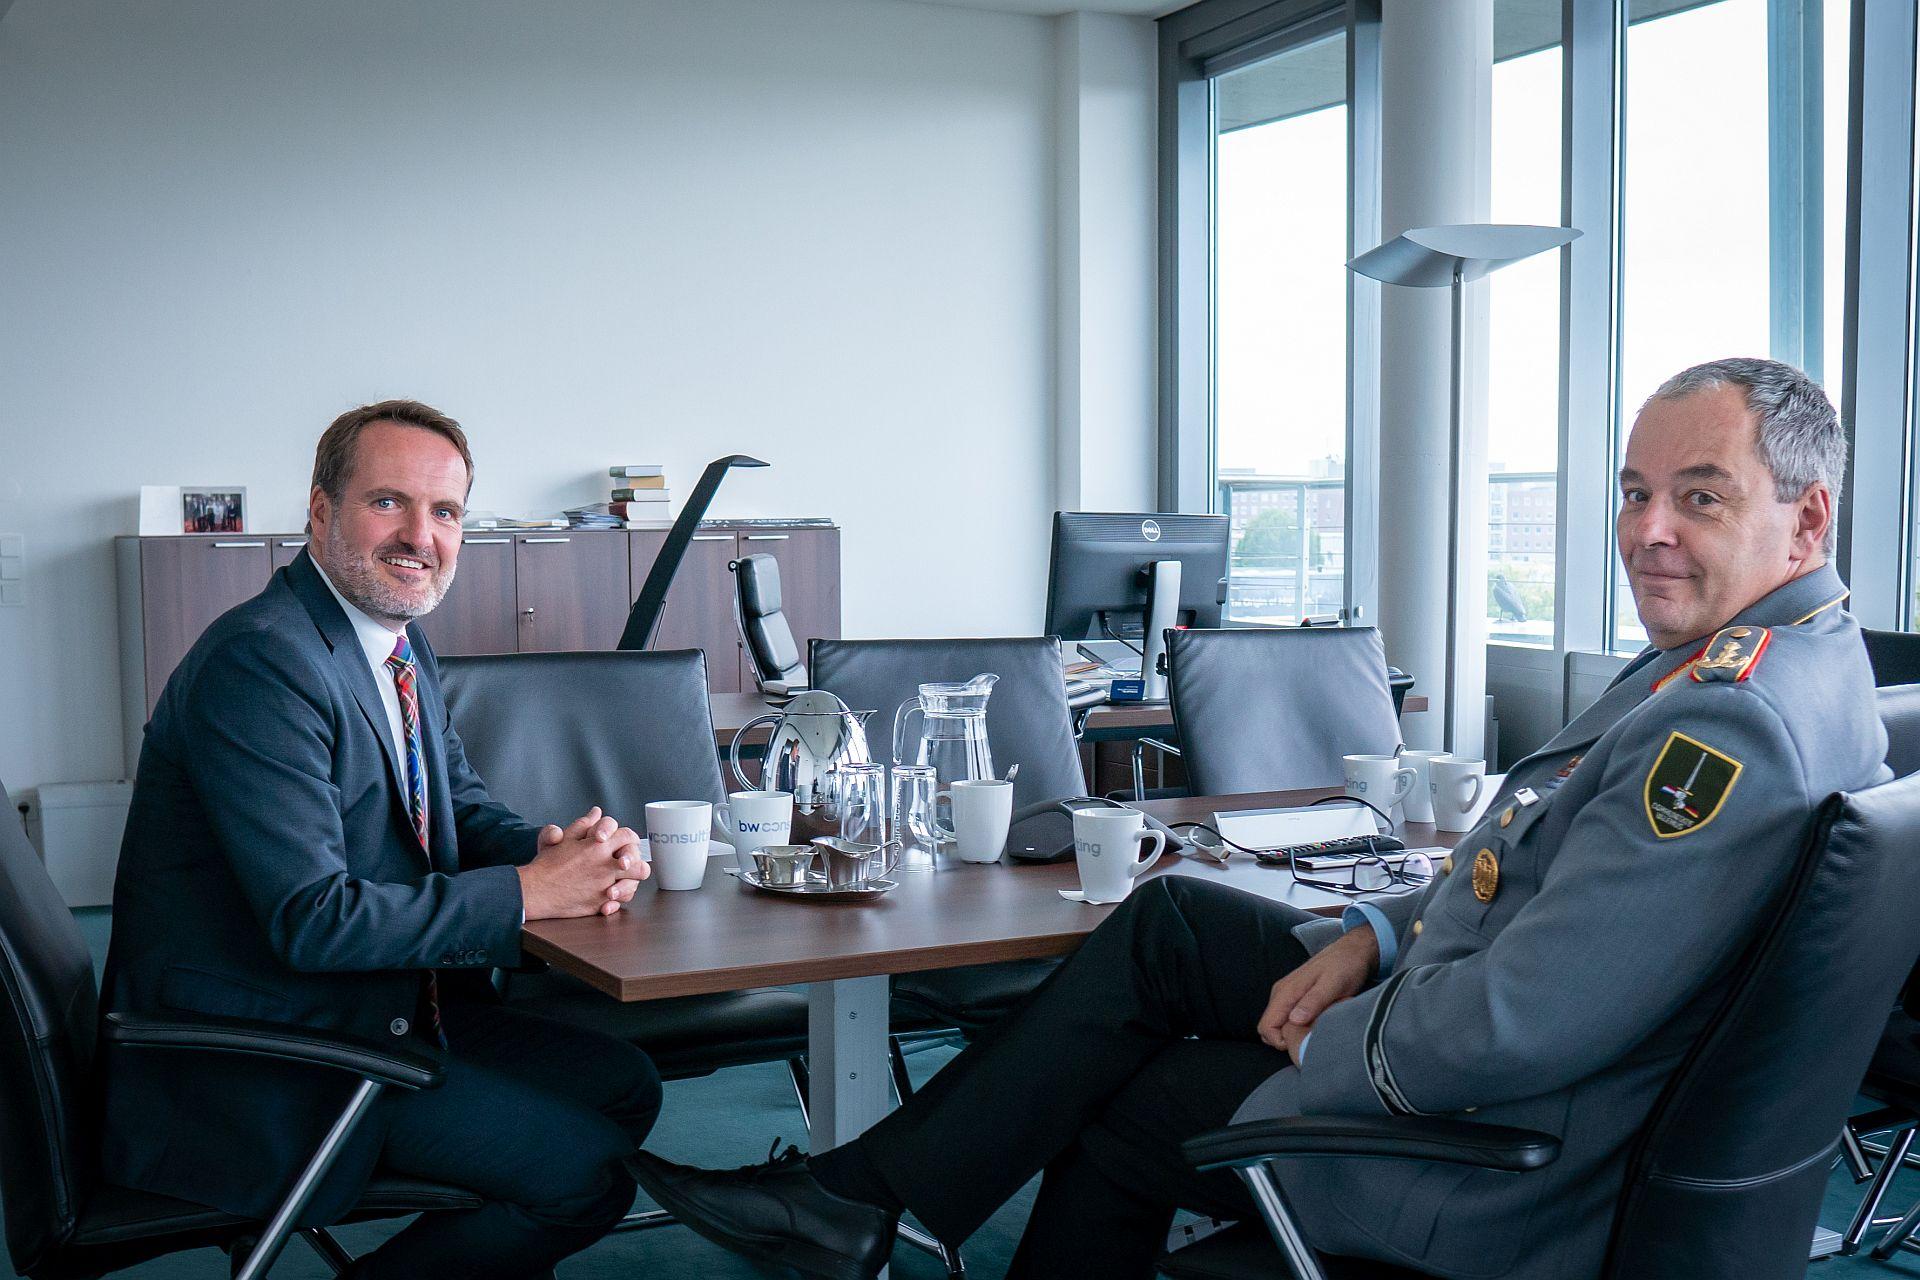 Generalleutnant Mais im Austausch mit BwConsulting-CEO Philip von Haehling